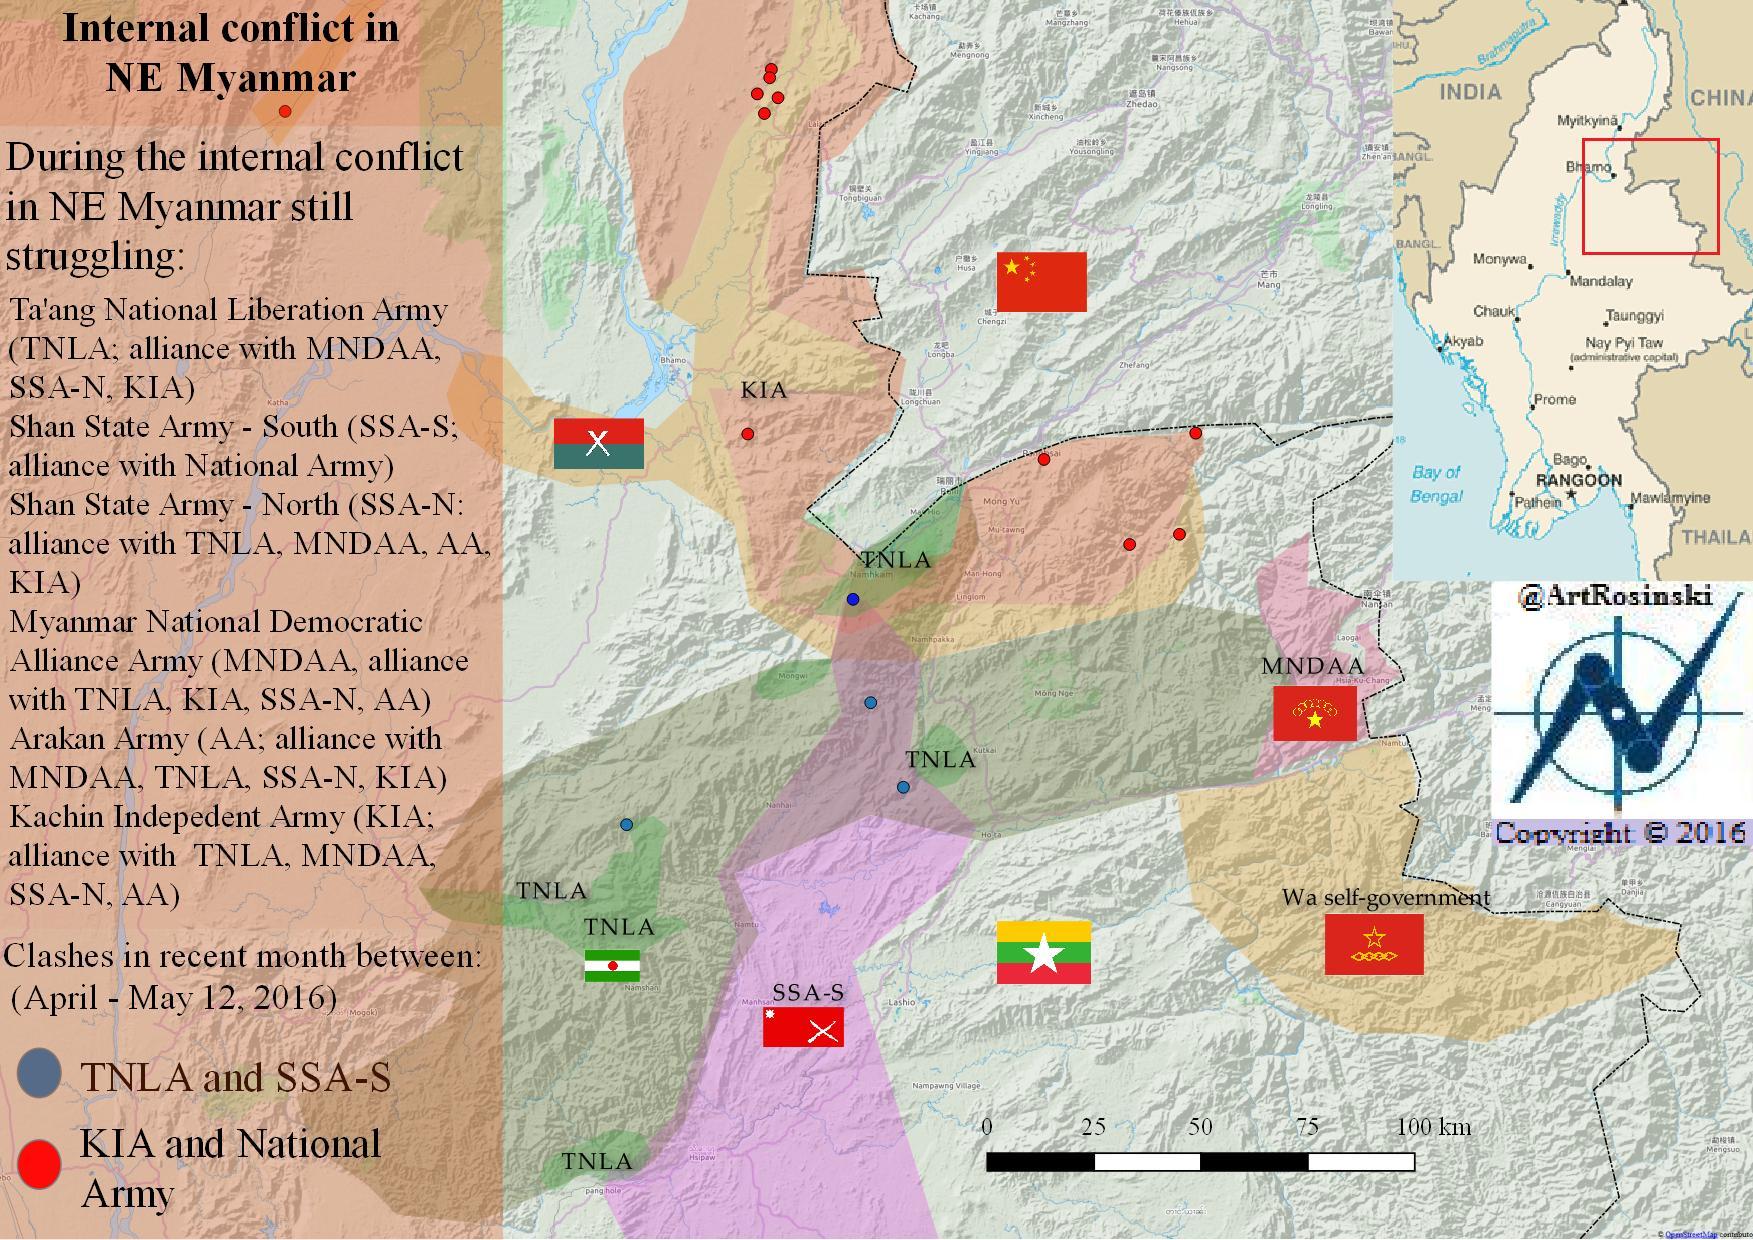 Karte Myanmar.Karte Konflikt Im Nordosten Von Myanmar April Mai 2016